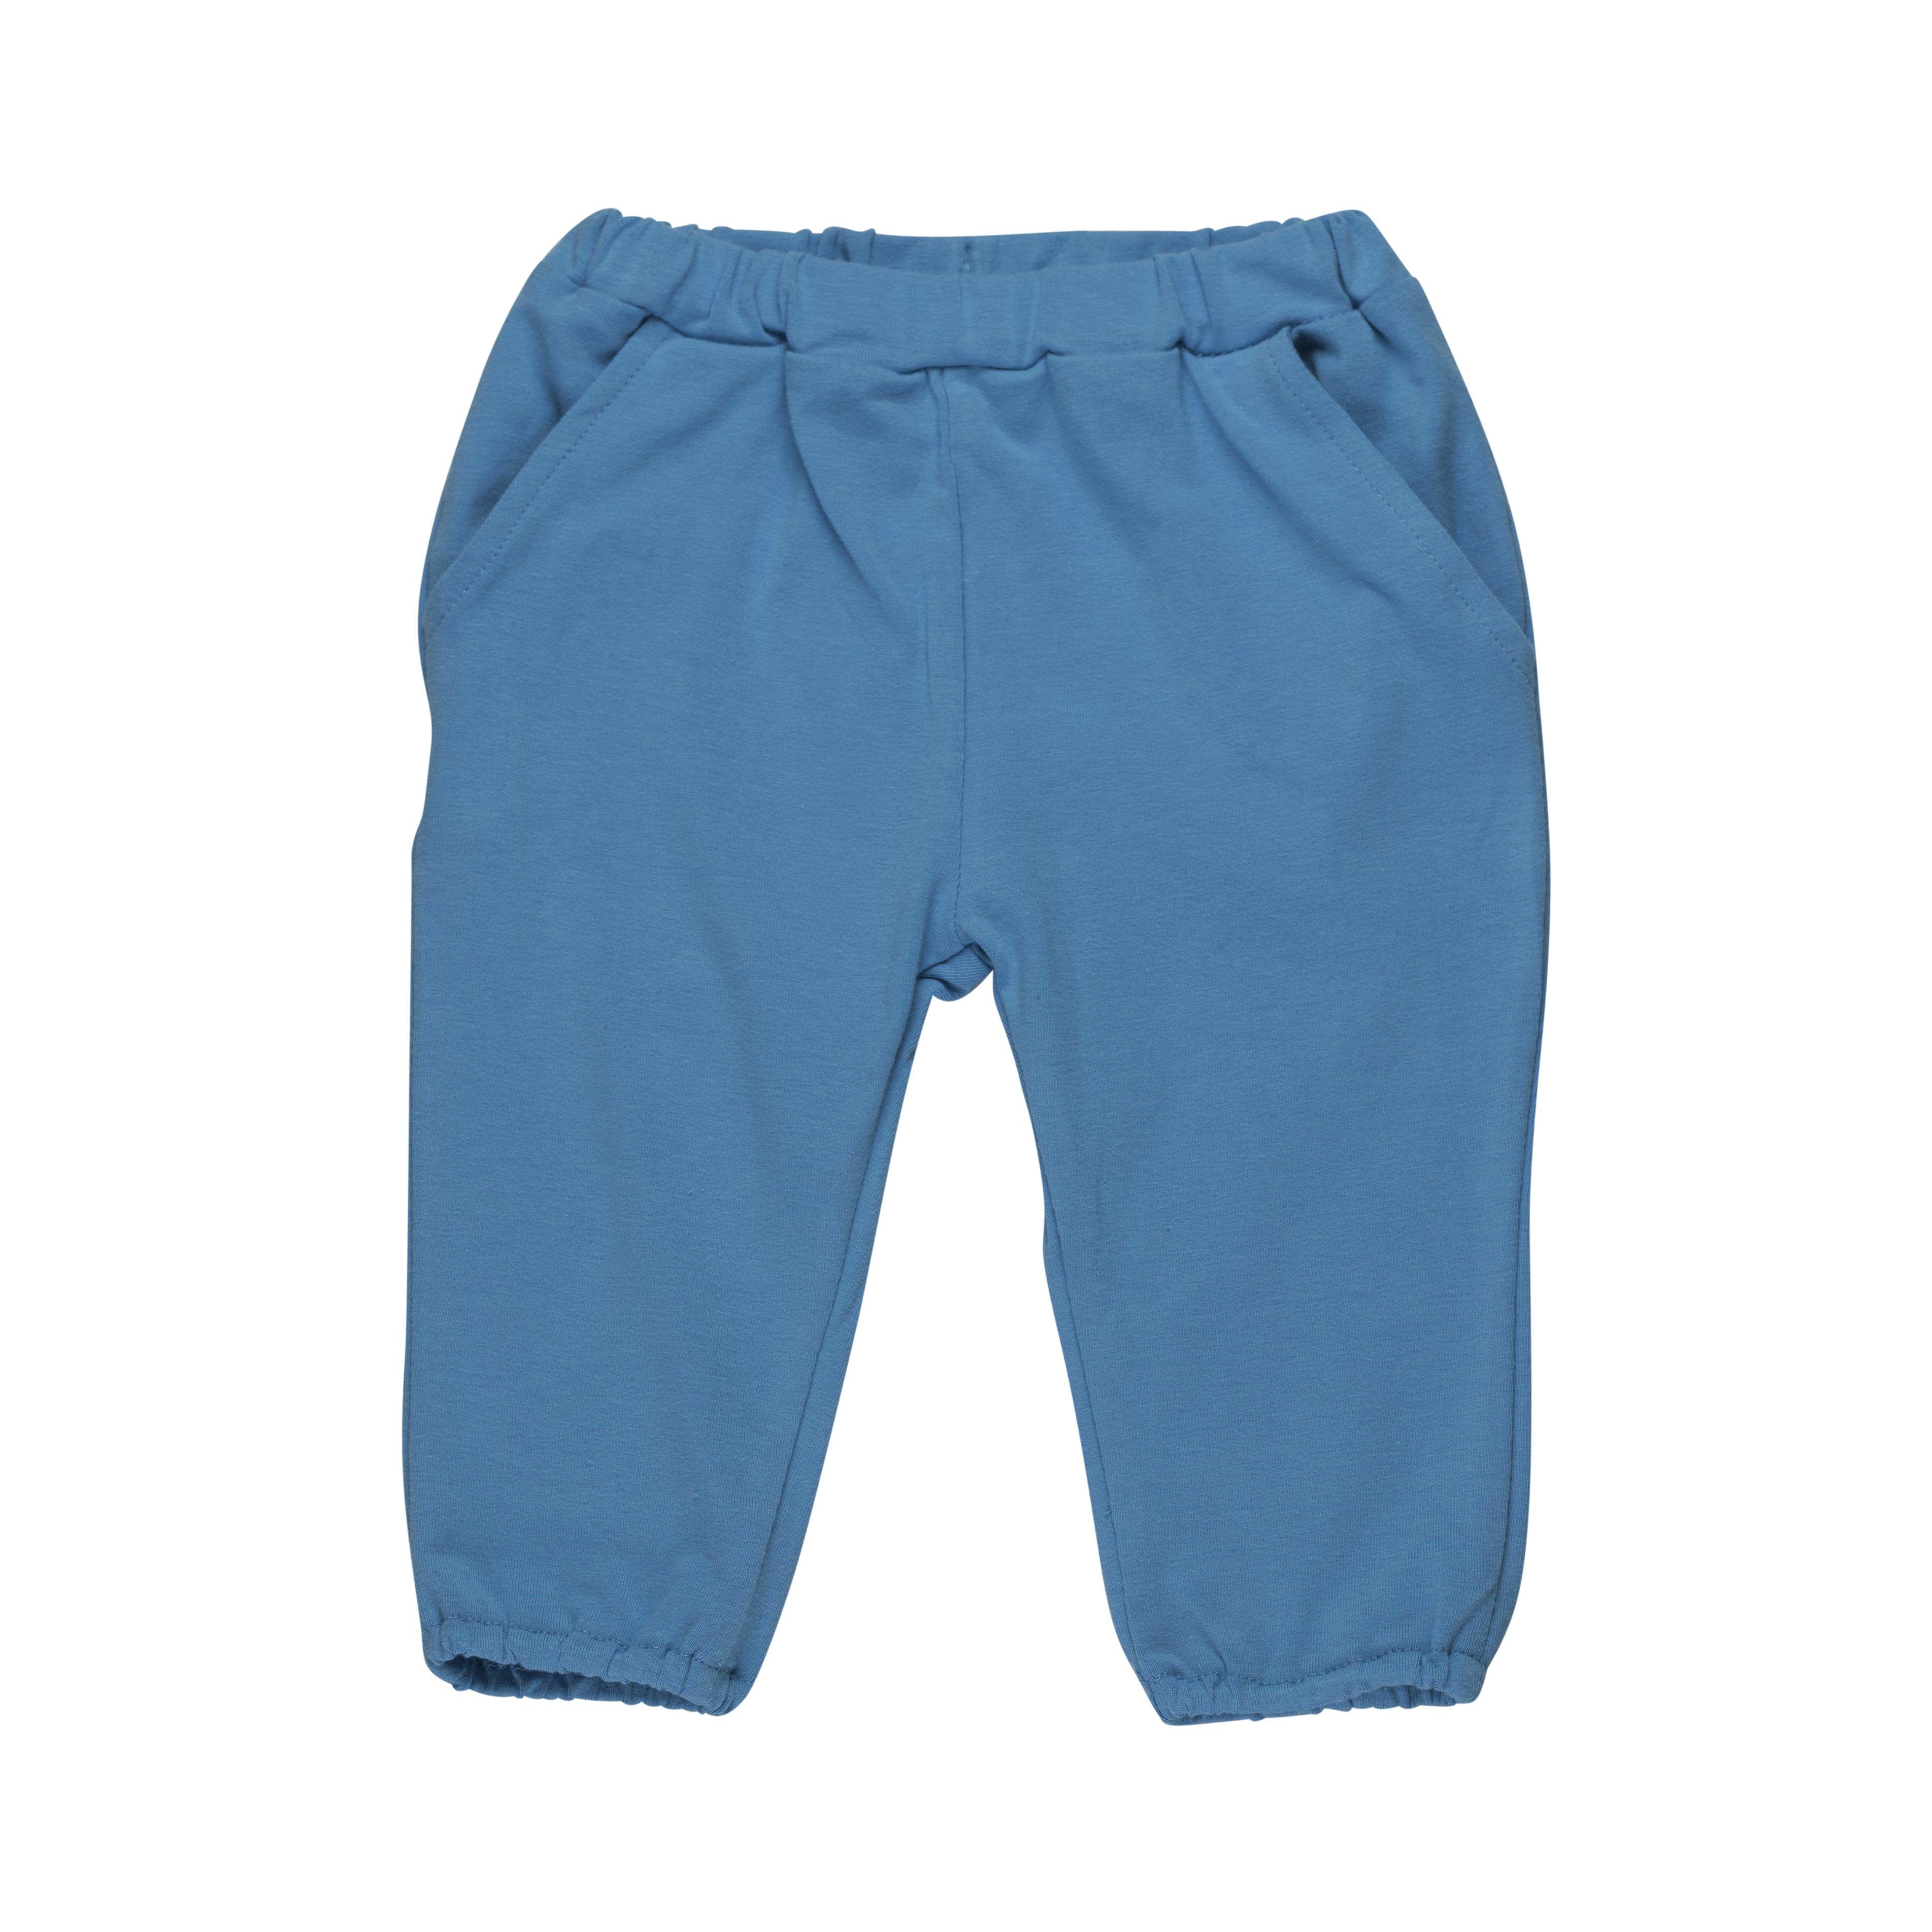 Billede af Baby bukser fra Pippi - Økologisk Bomuld - Sky Blue